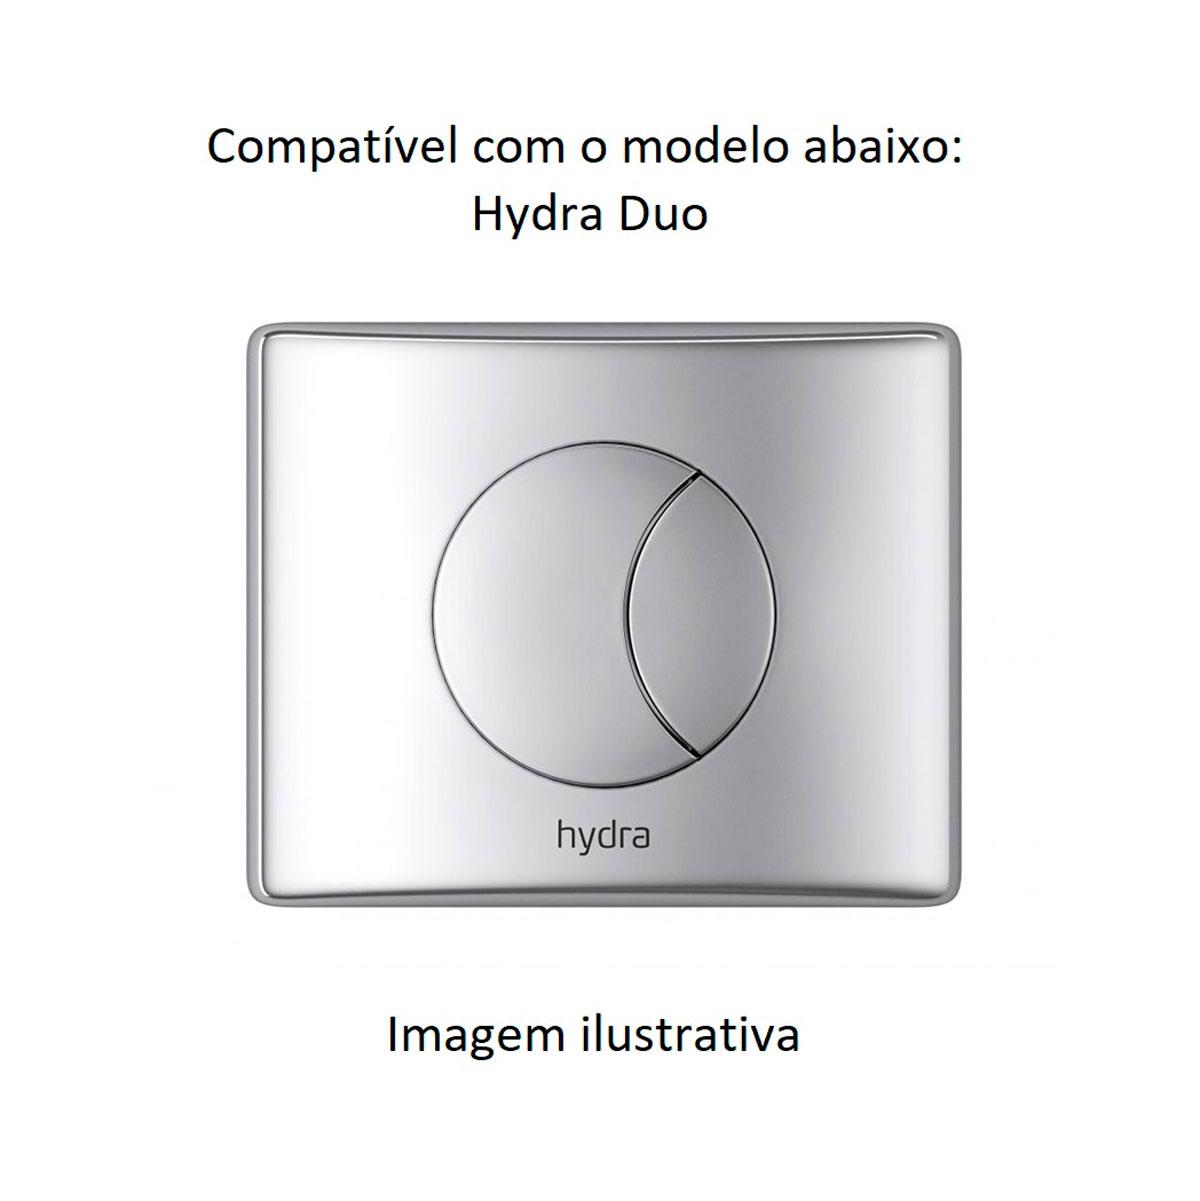 Reparo Válvula Descarga Hydra Duo 1.1/4 Original